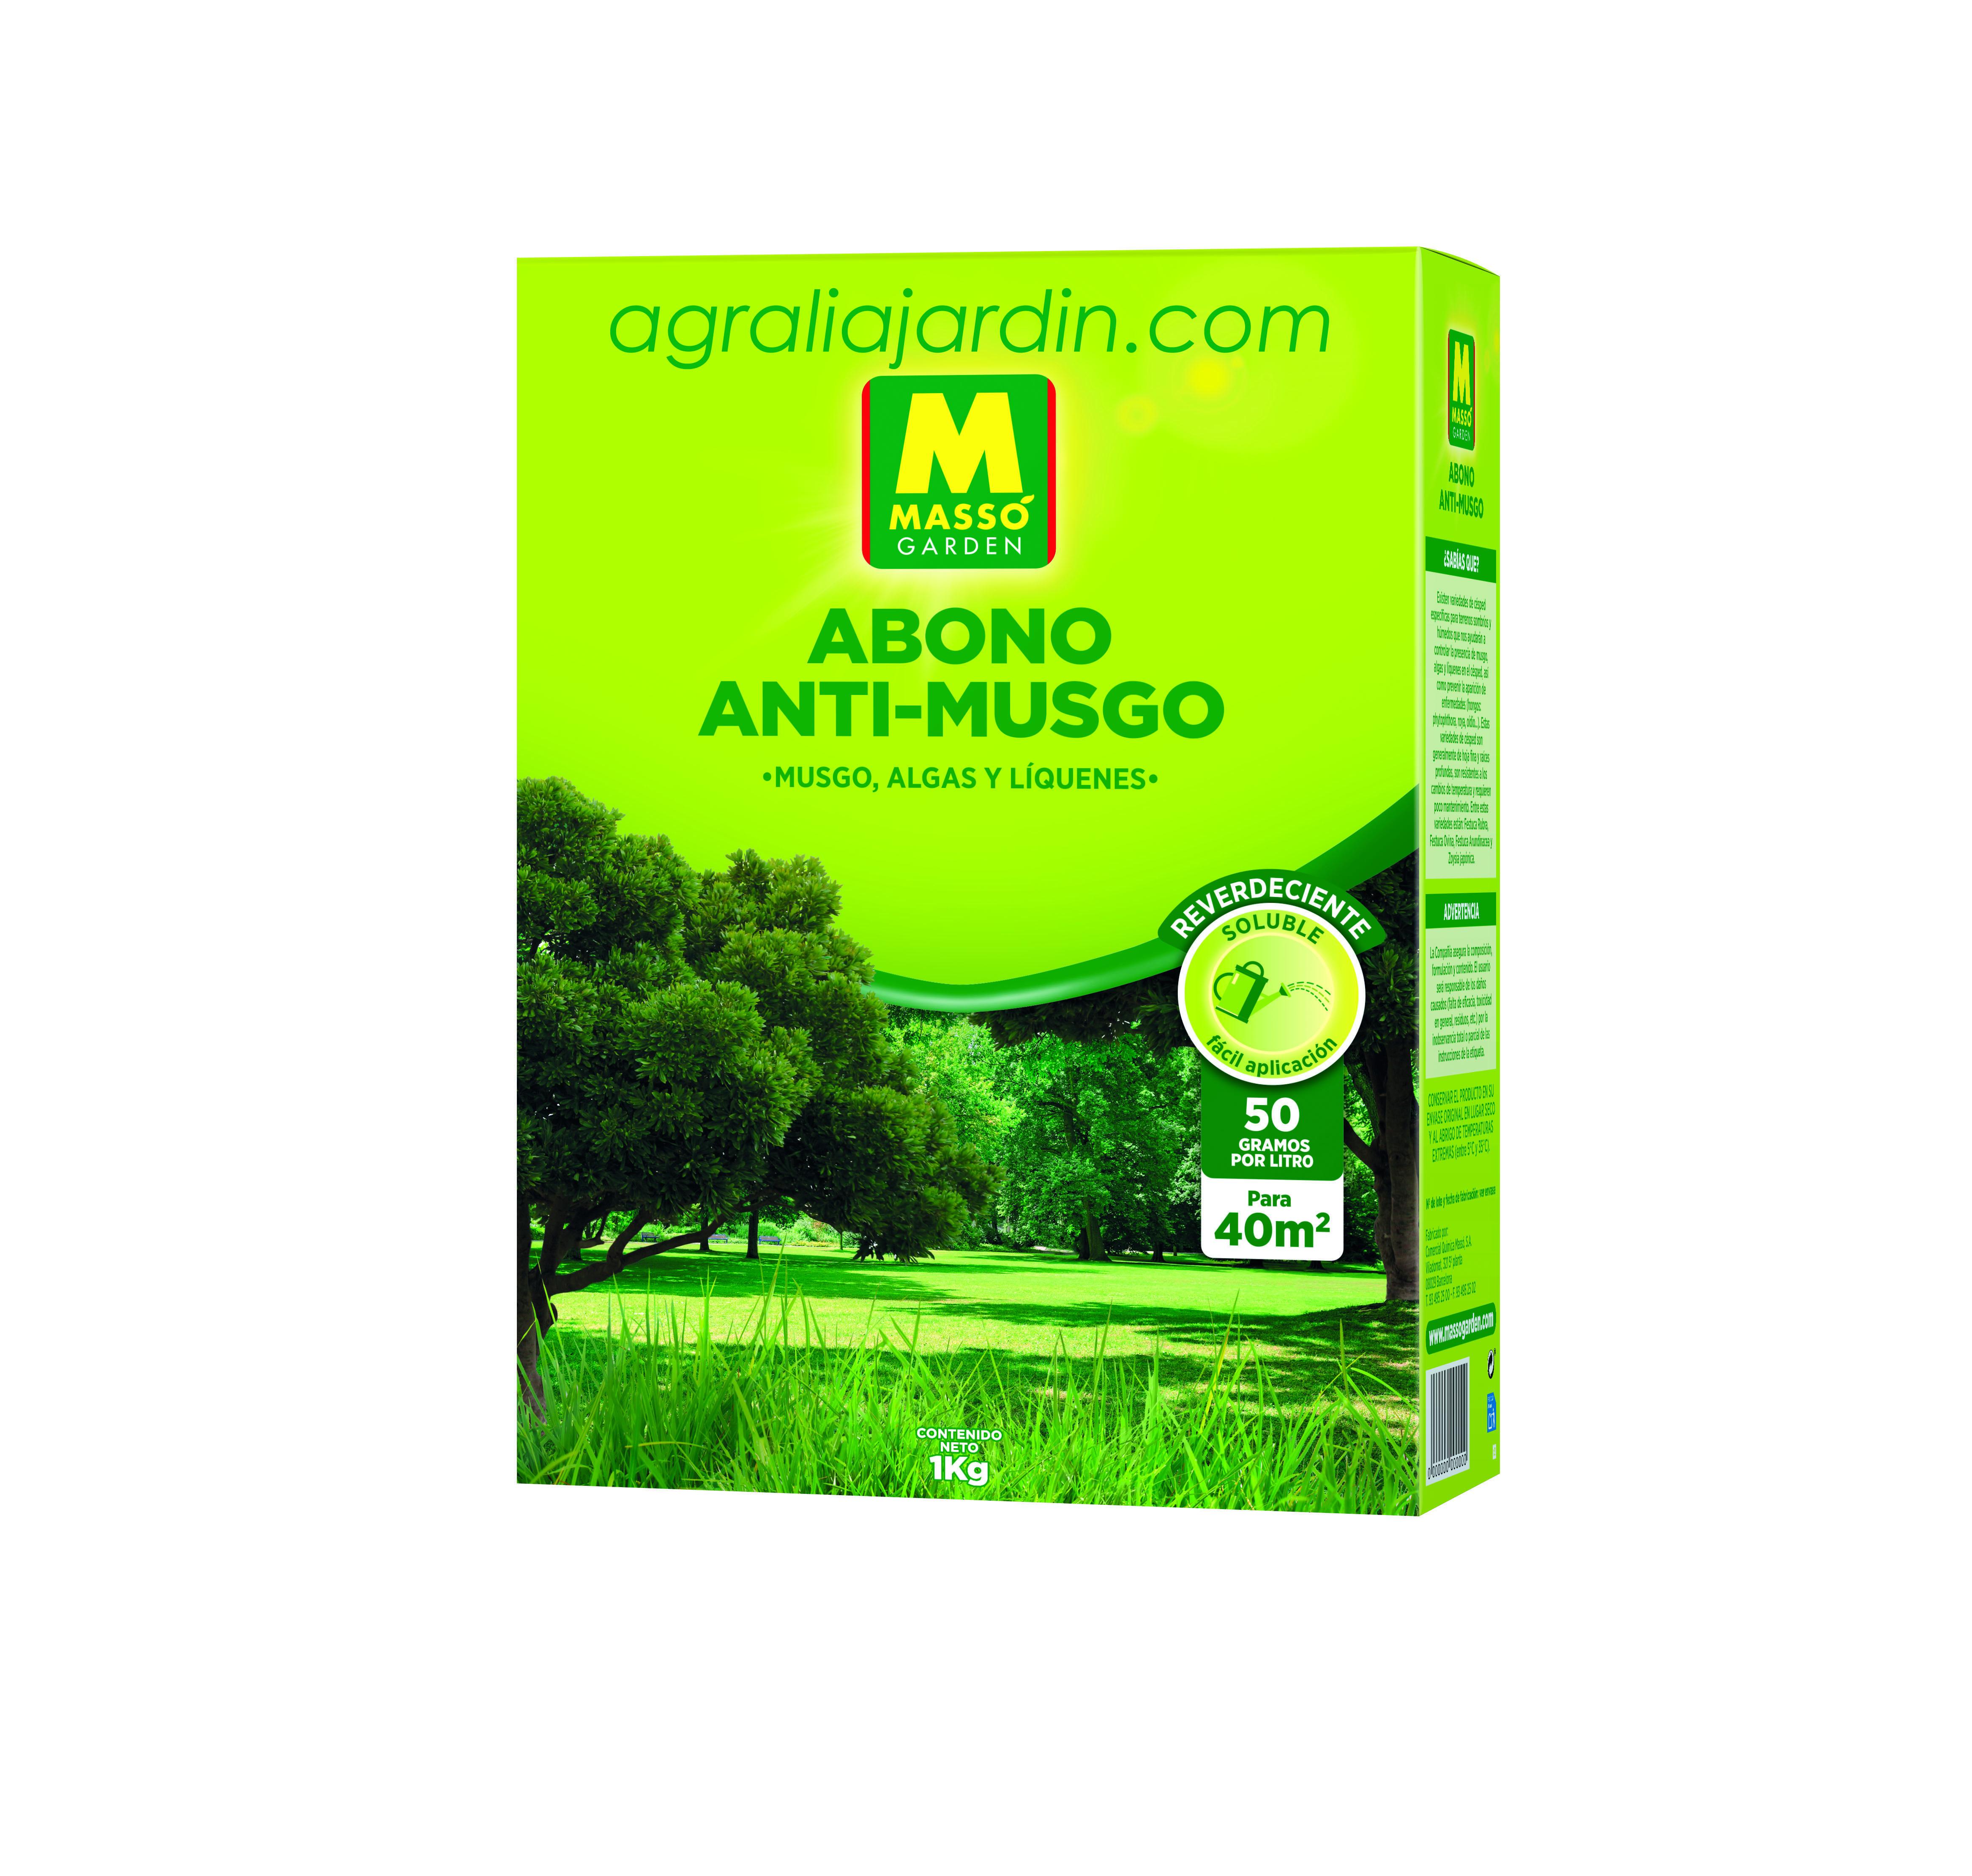 Massó Garden Abono Anti-Musgo 1 kg_agralia online